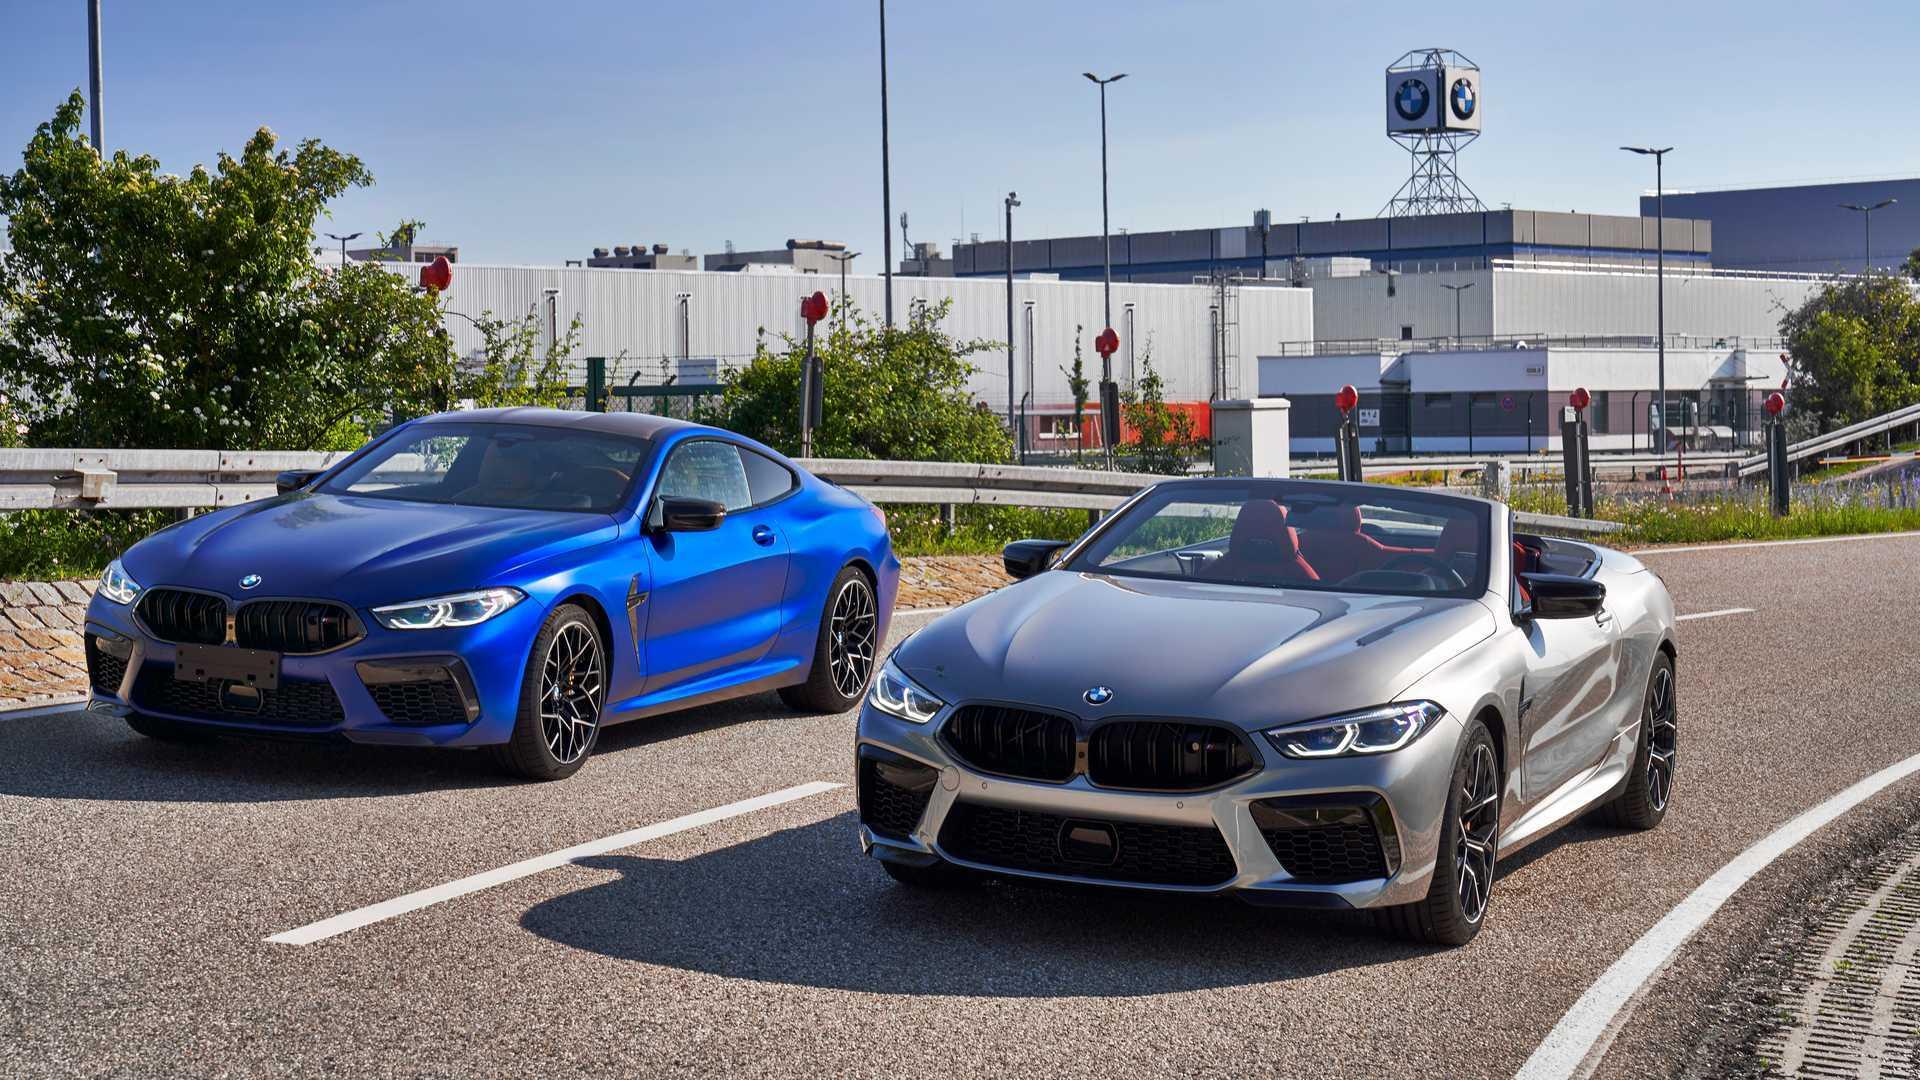 4.4T 617马力性能堪比超跑,售价200多万,宝马M8迅雷版加速超奔驰AMG S63